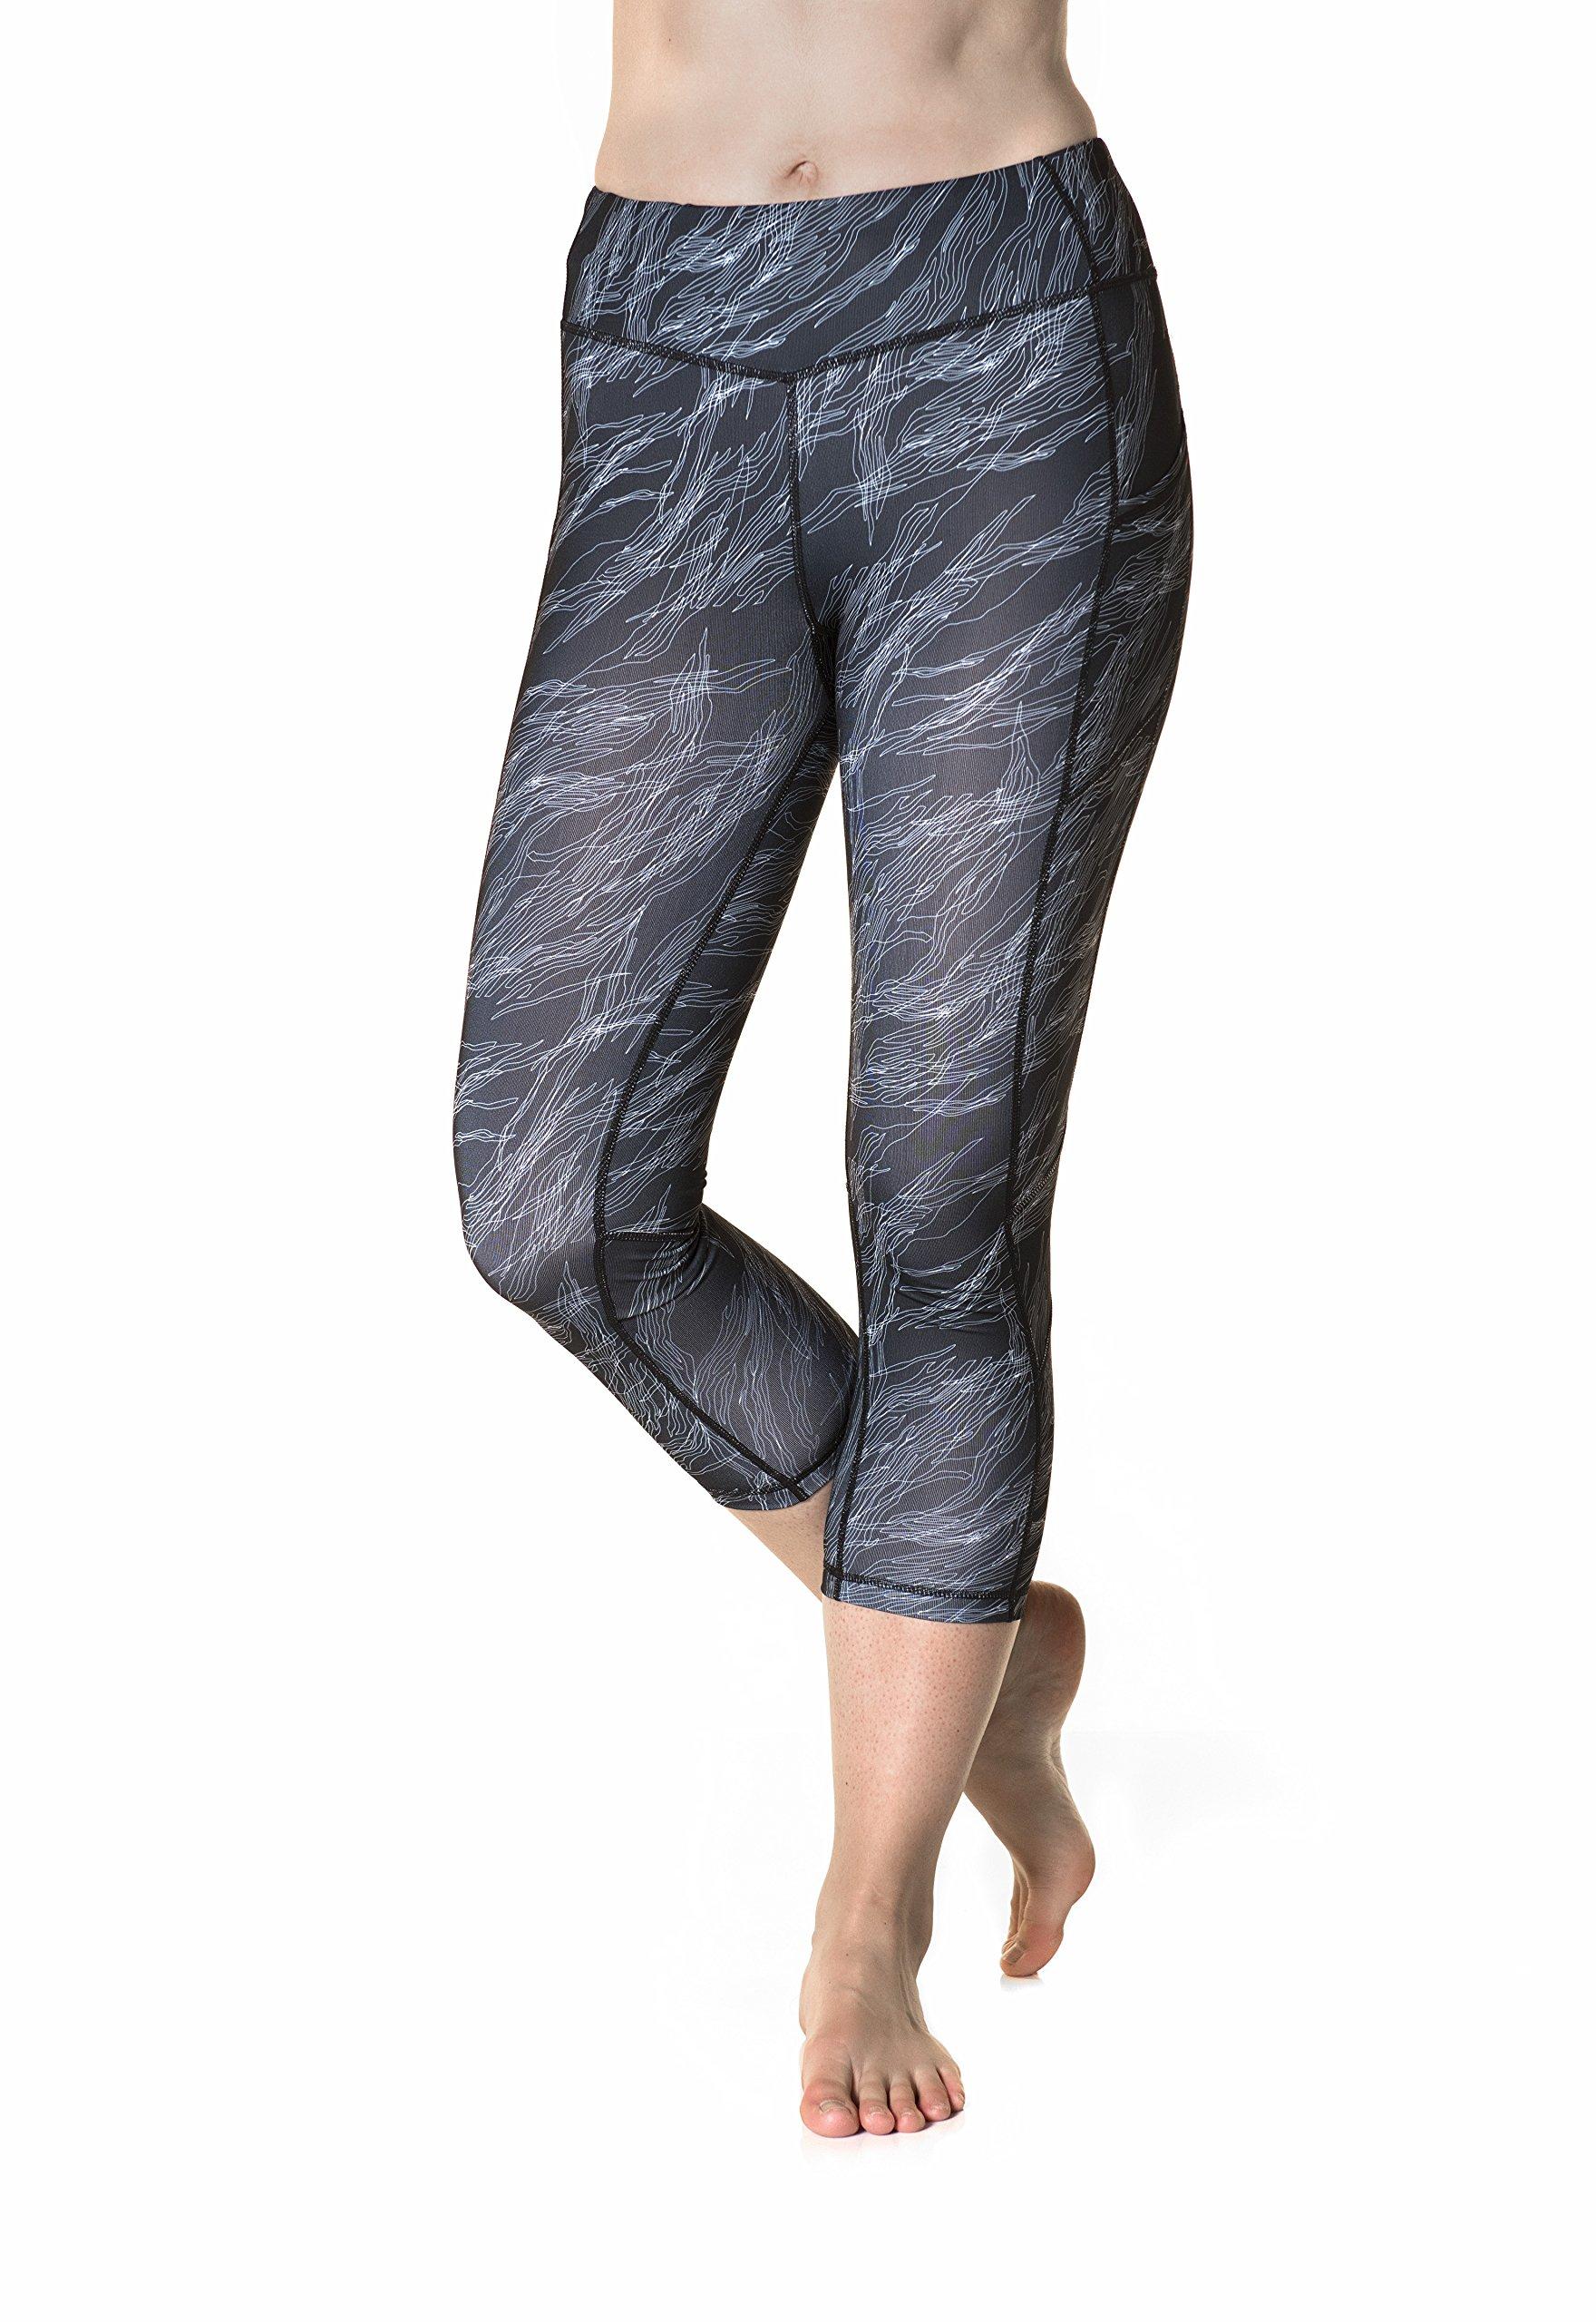 Skirt Sports Pocketopia Capri, Night Dive Print, Large